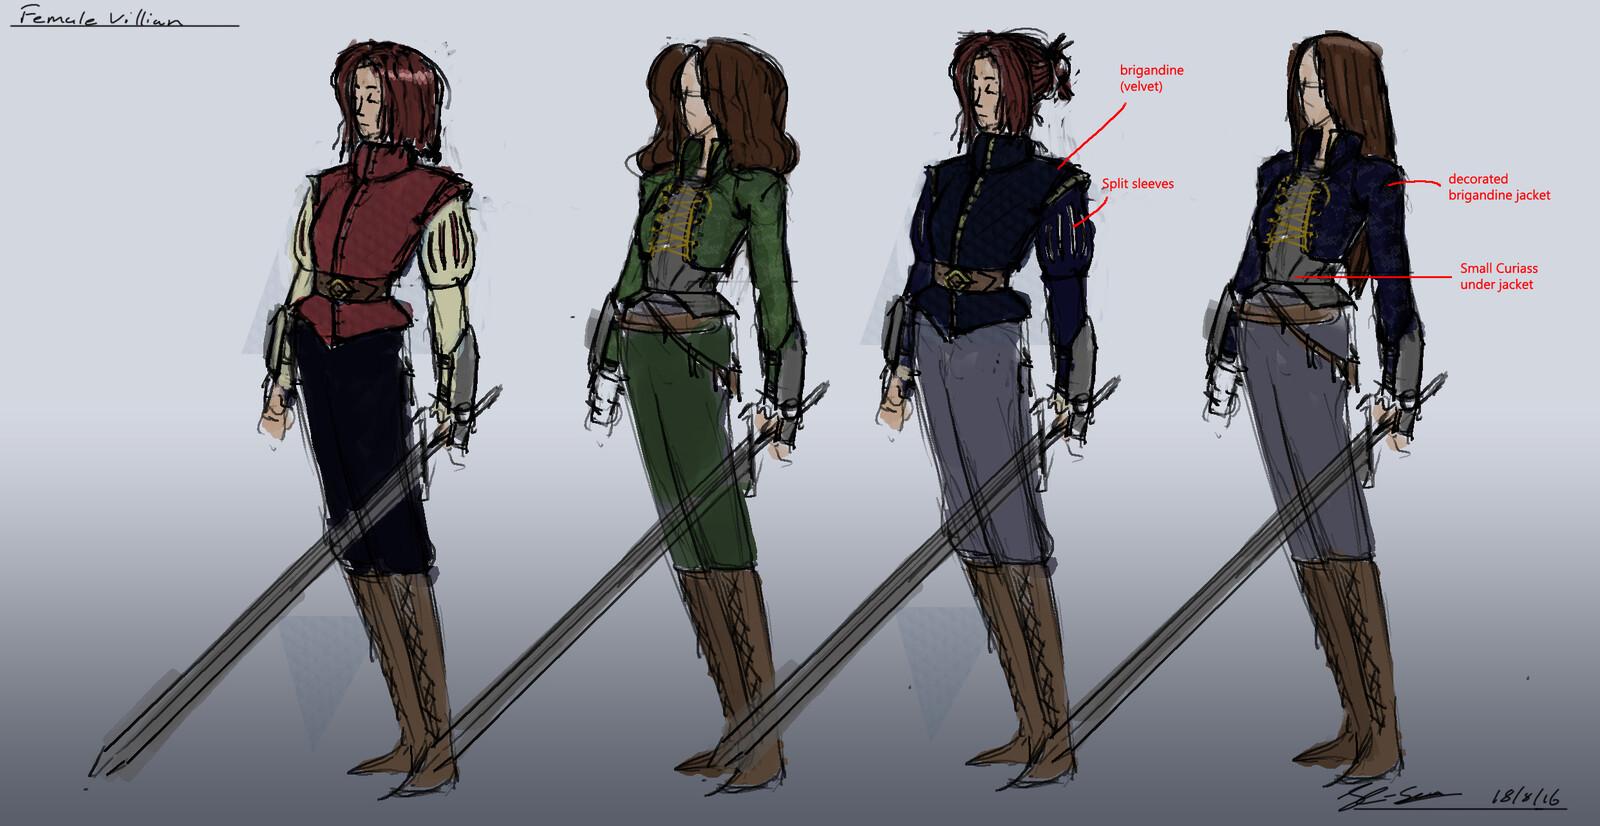 Rough ideas for female villain